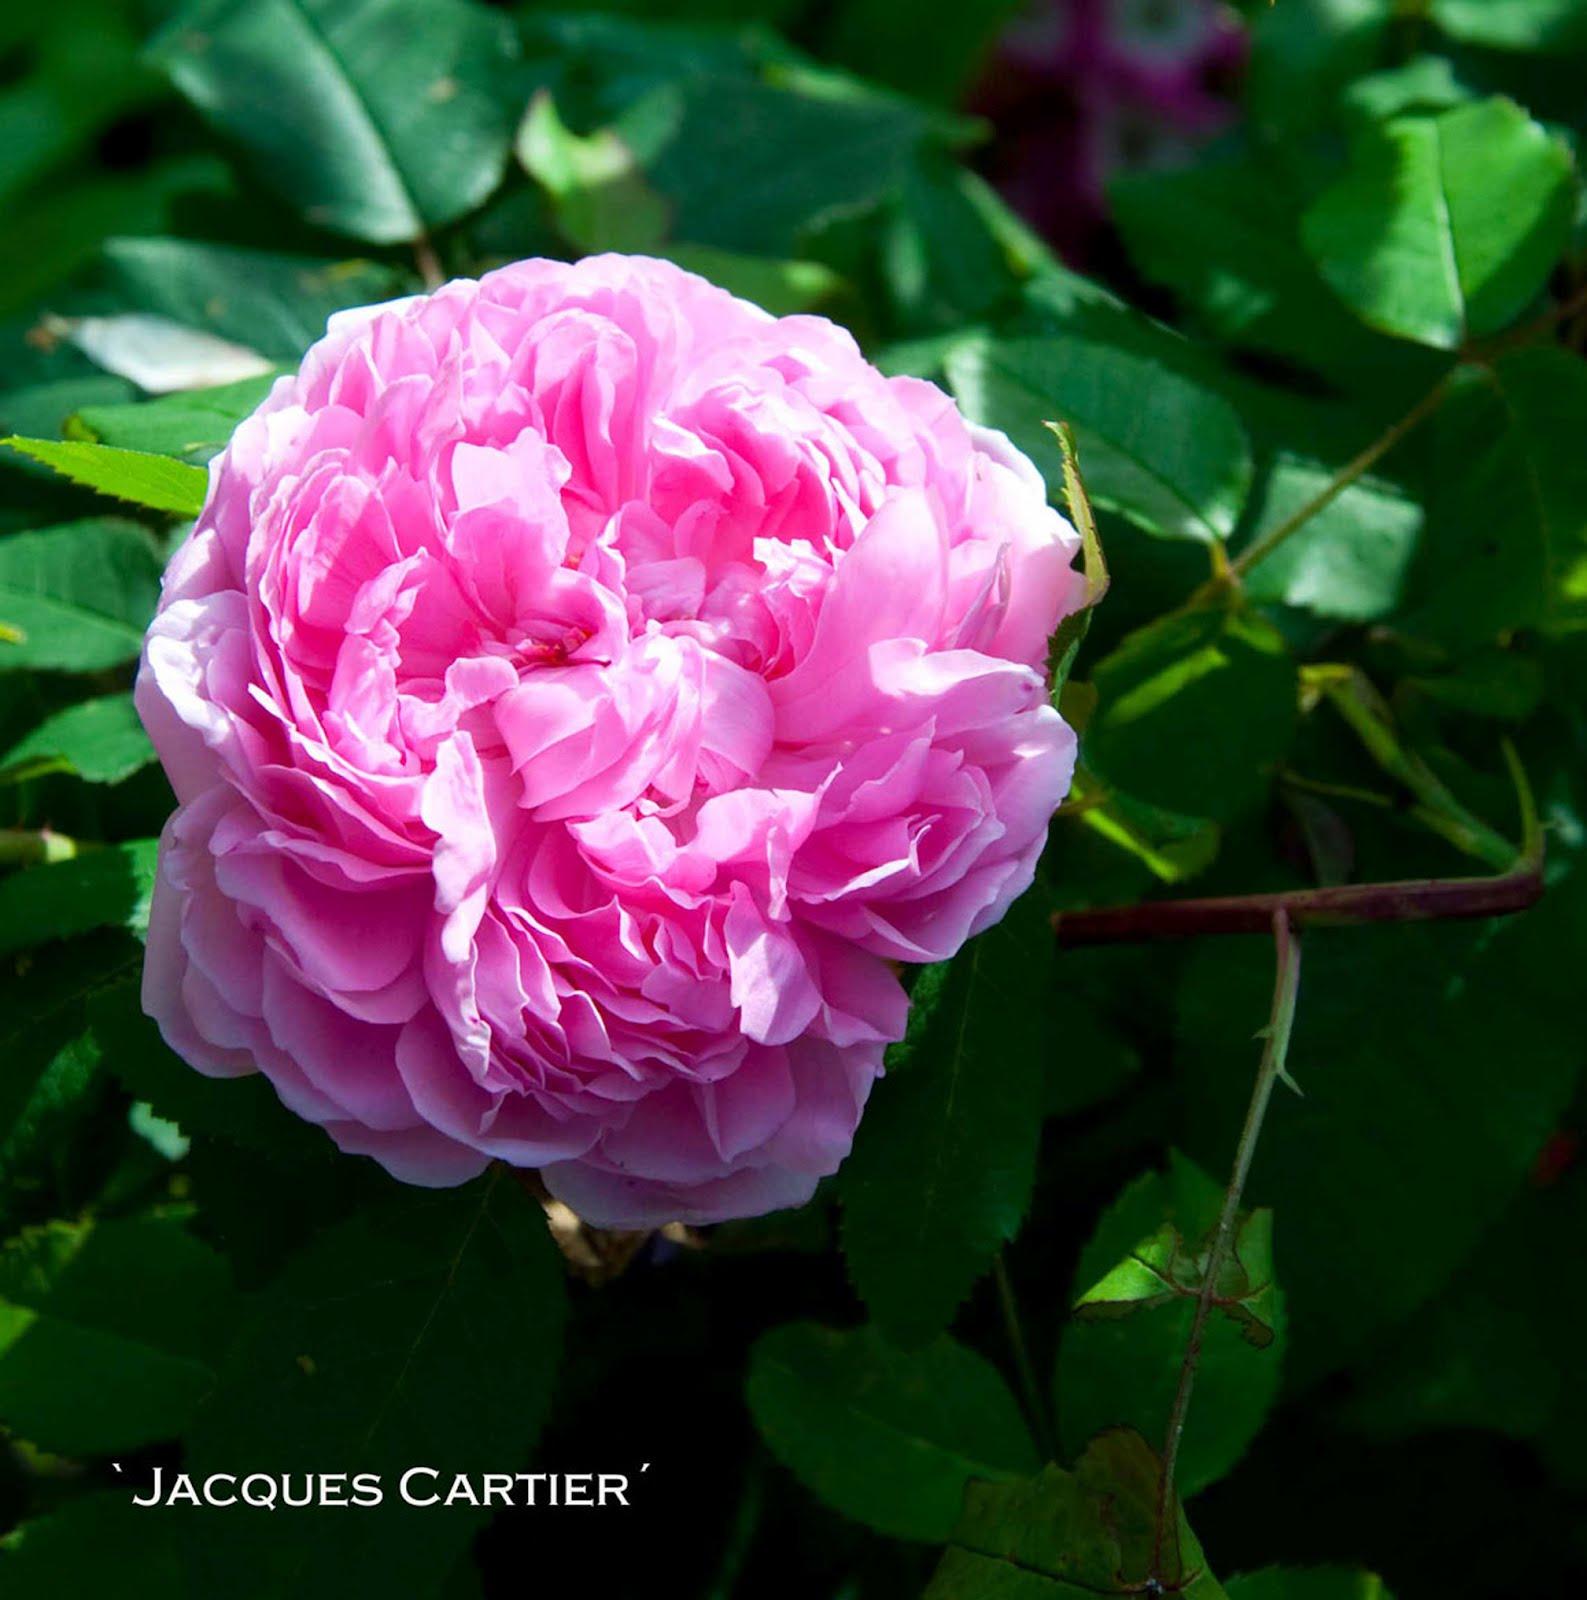 olika blommors betydelse